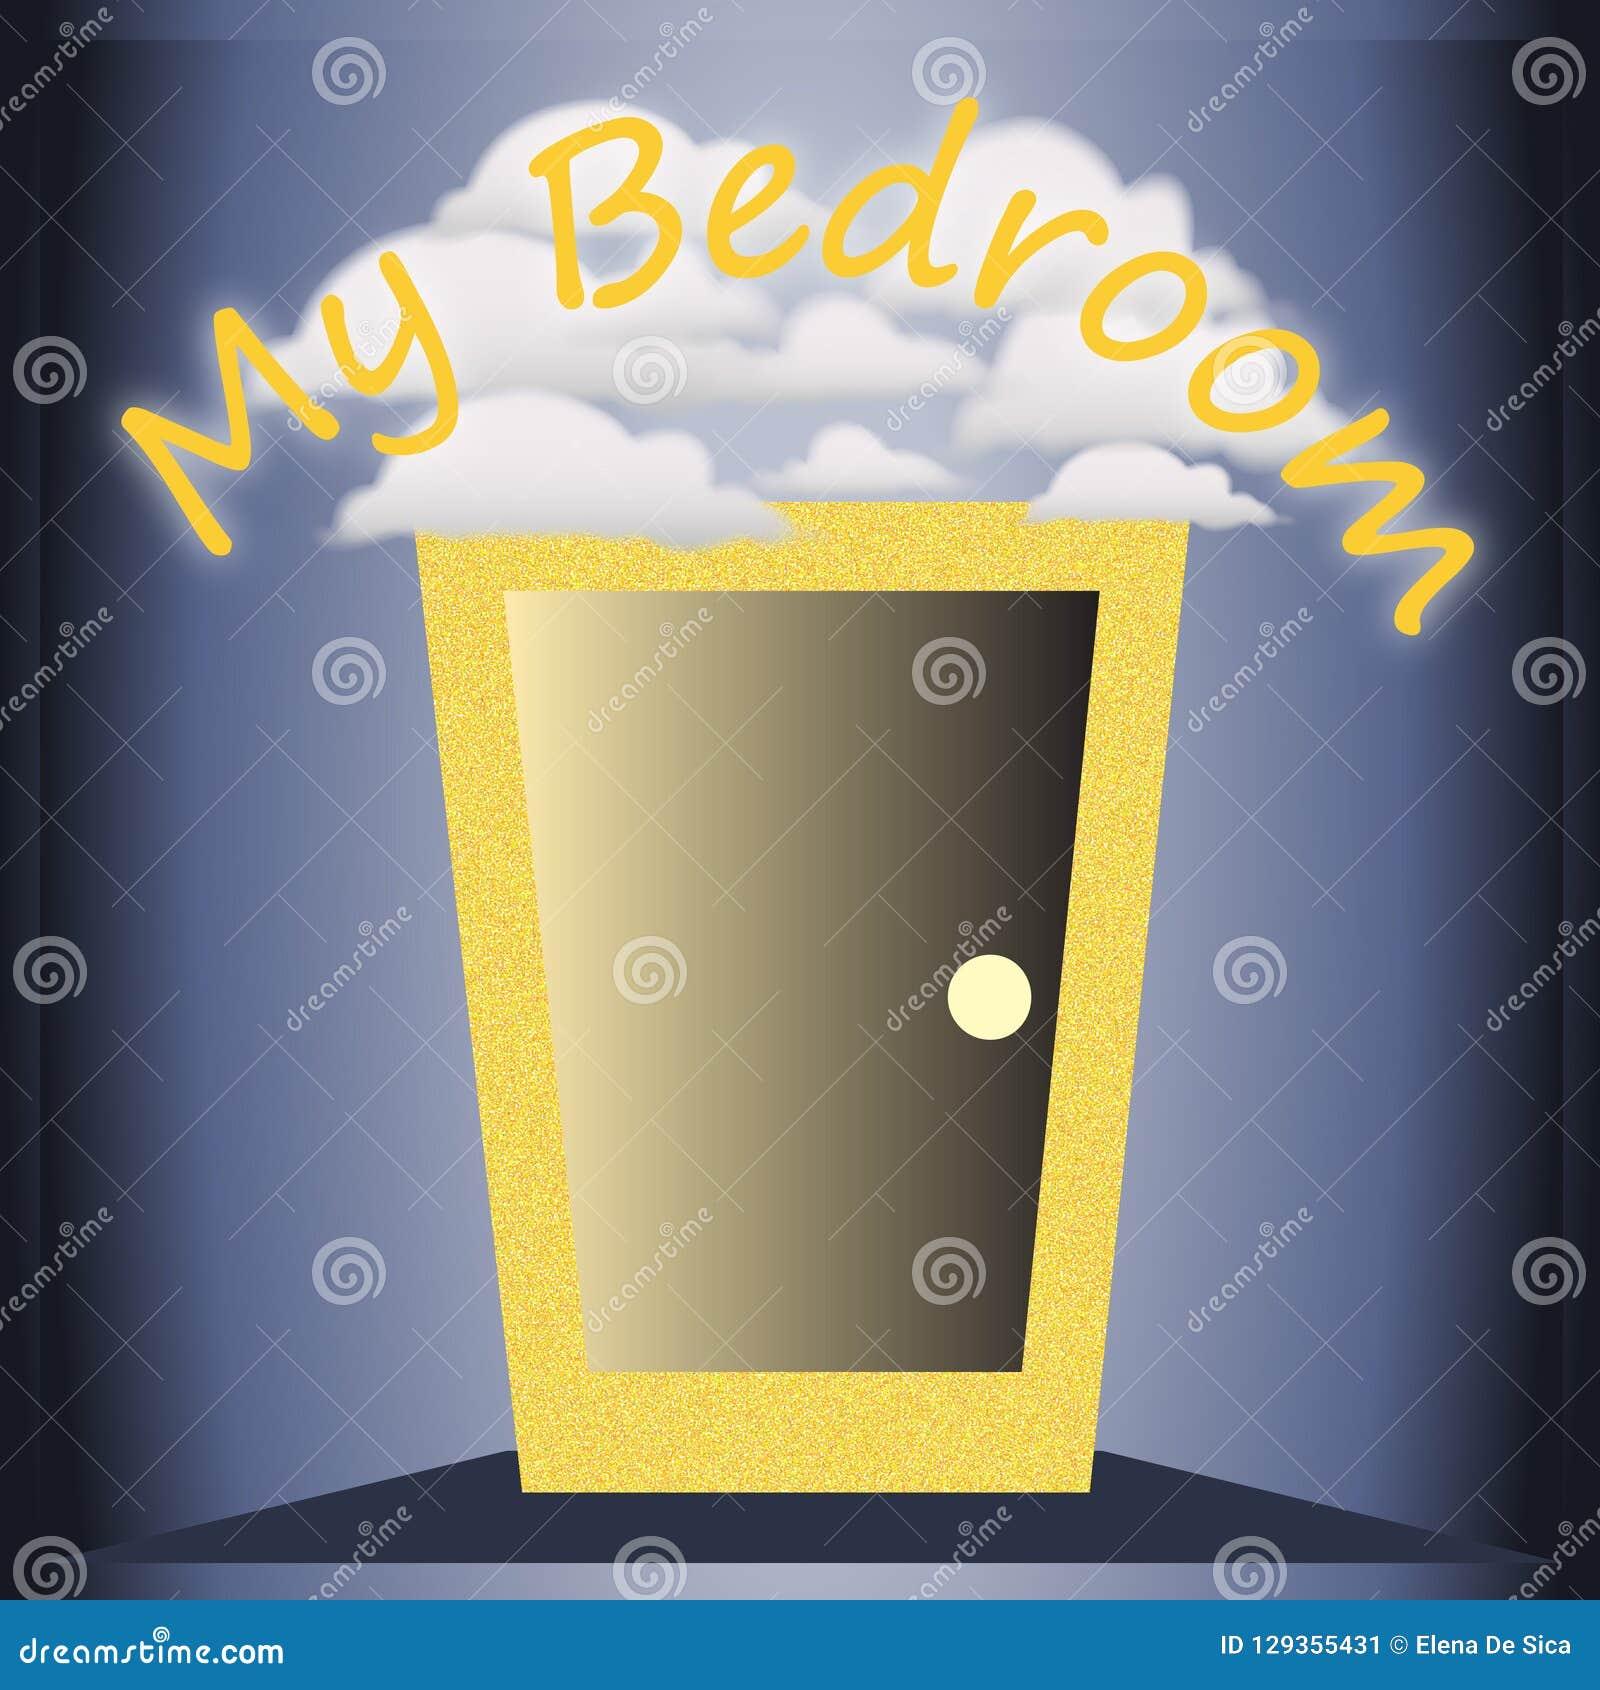 Grappige decoratieve illustratie voor de slaapkamer geschikt om op de deur of op de muur te hangen